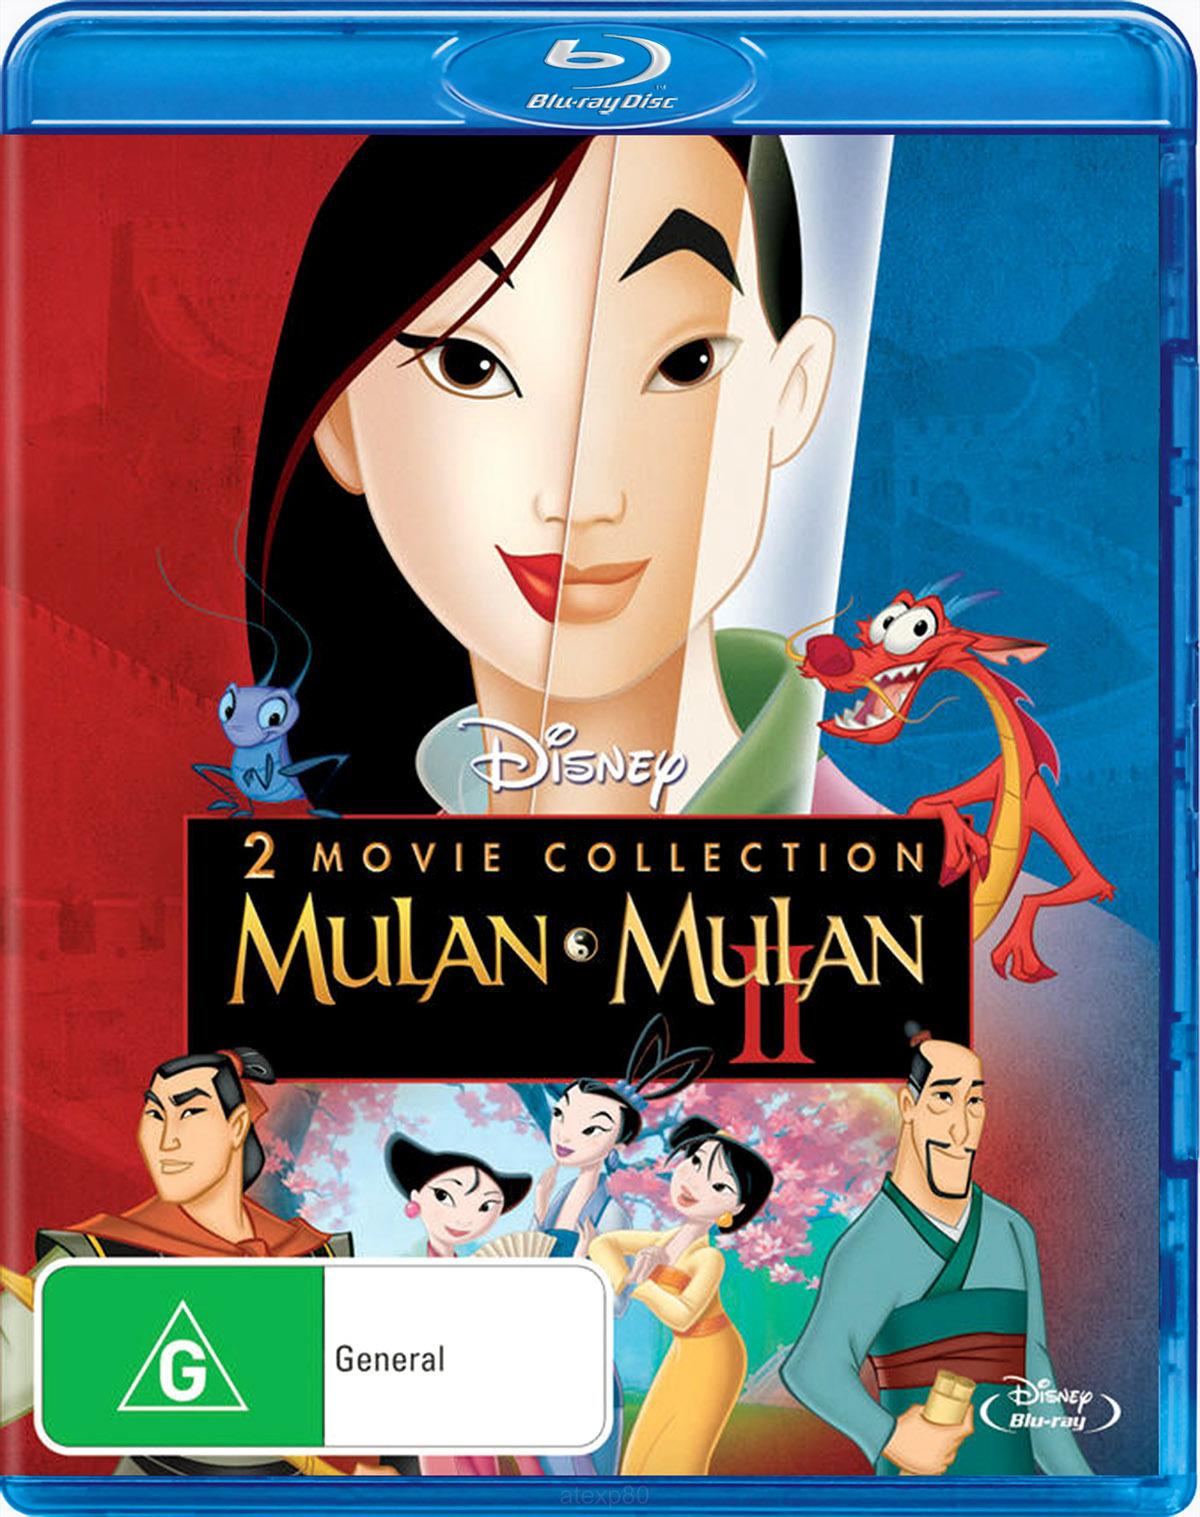 Mulan / Mulan 2 (2 Disc Set) on Blu-ray image